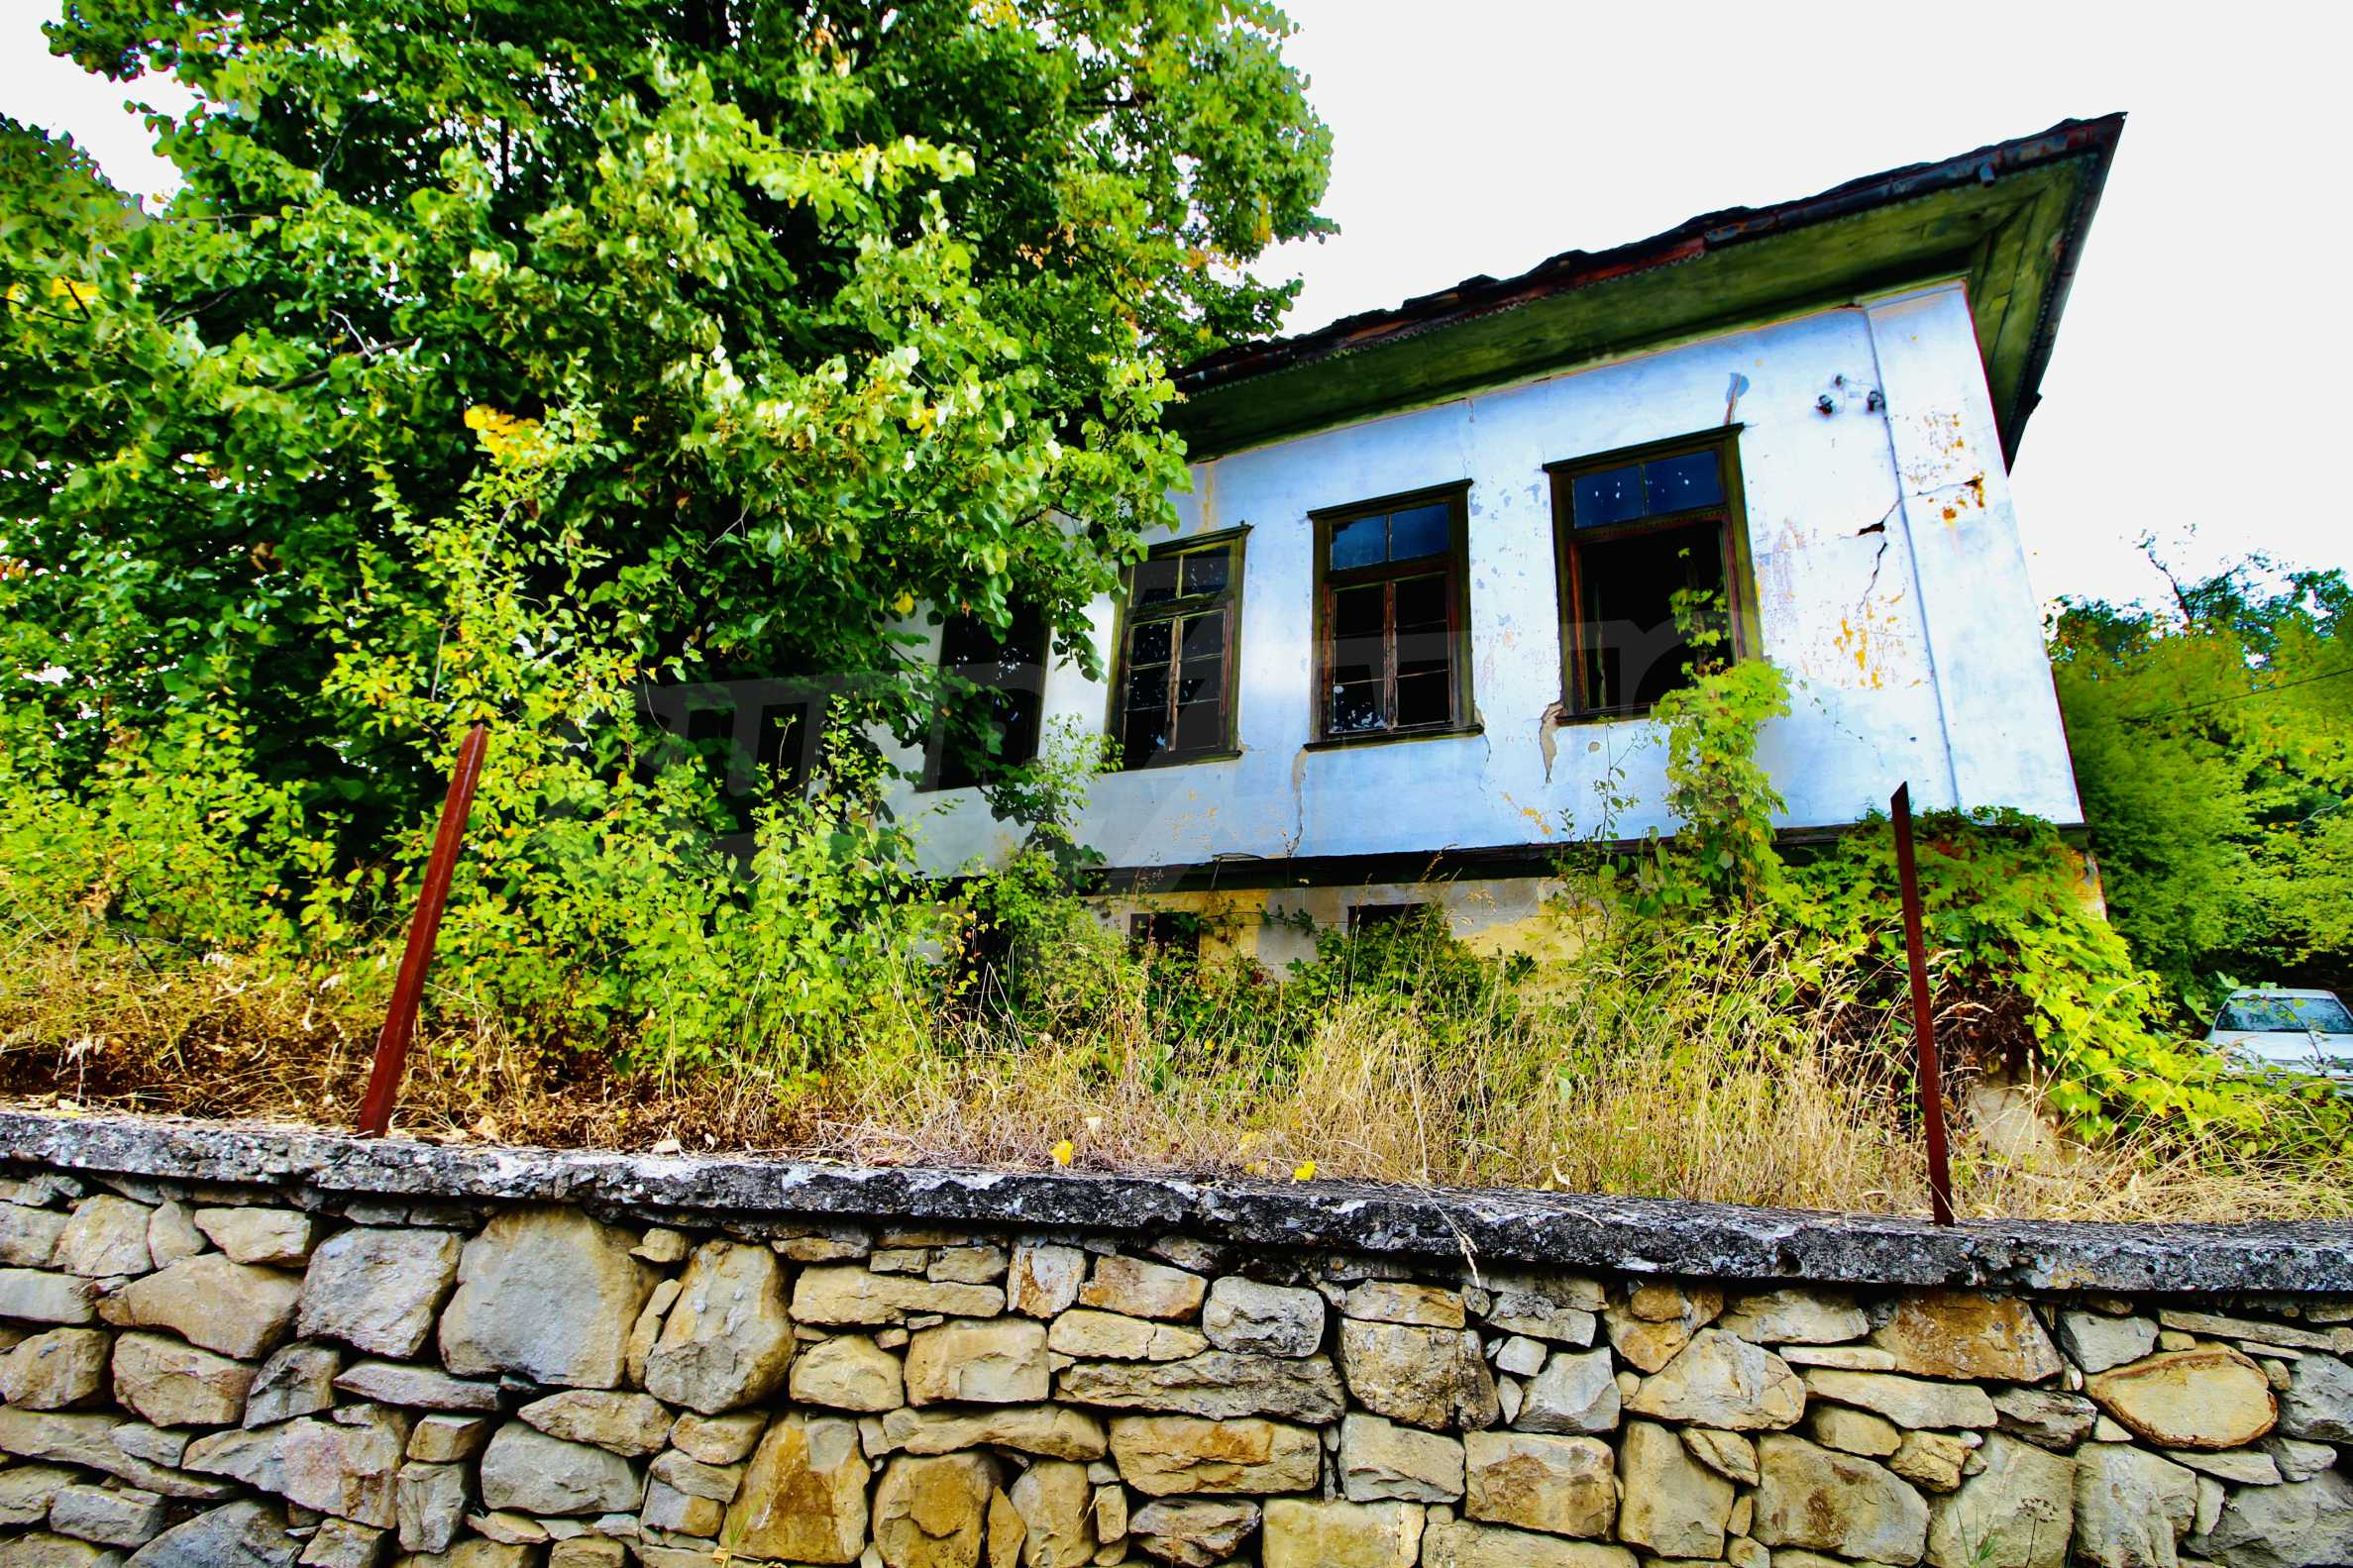 Старая  школа, построенная из камня, в чистом районе между городами Дряново и Трявна 10